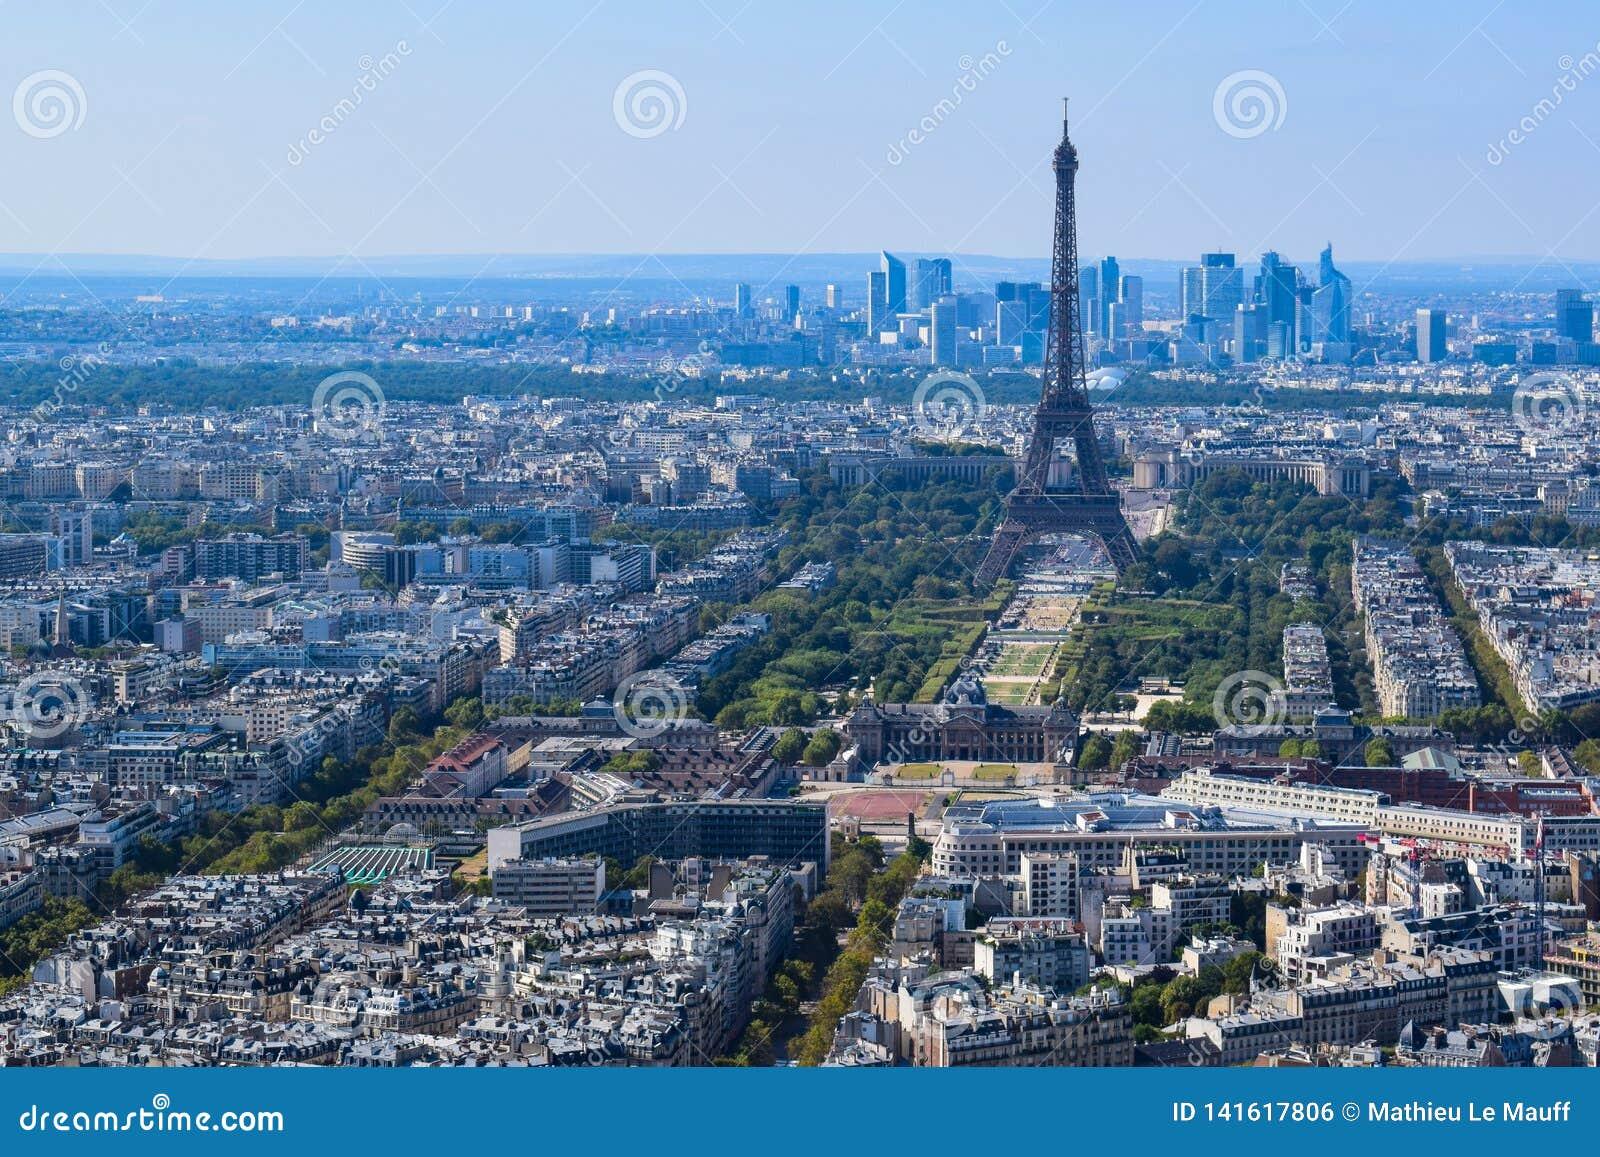 Torre Eiffel vista da plataforma de observação da torre de Montparnasse